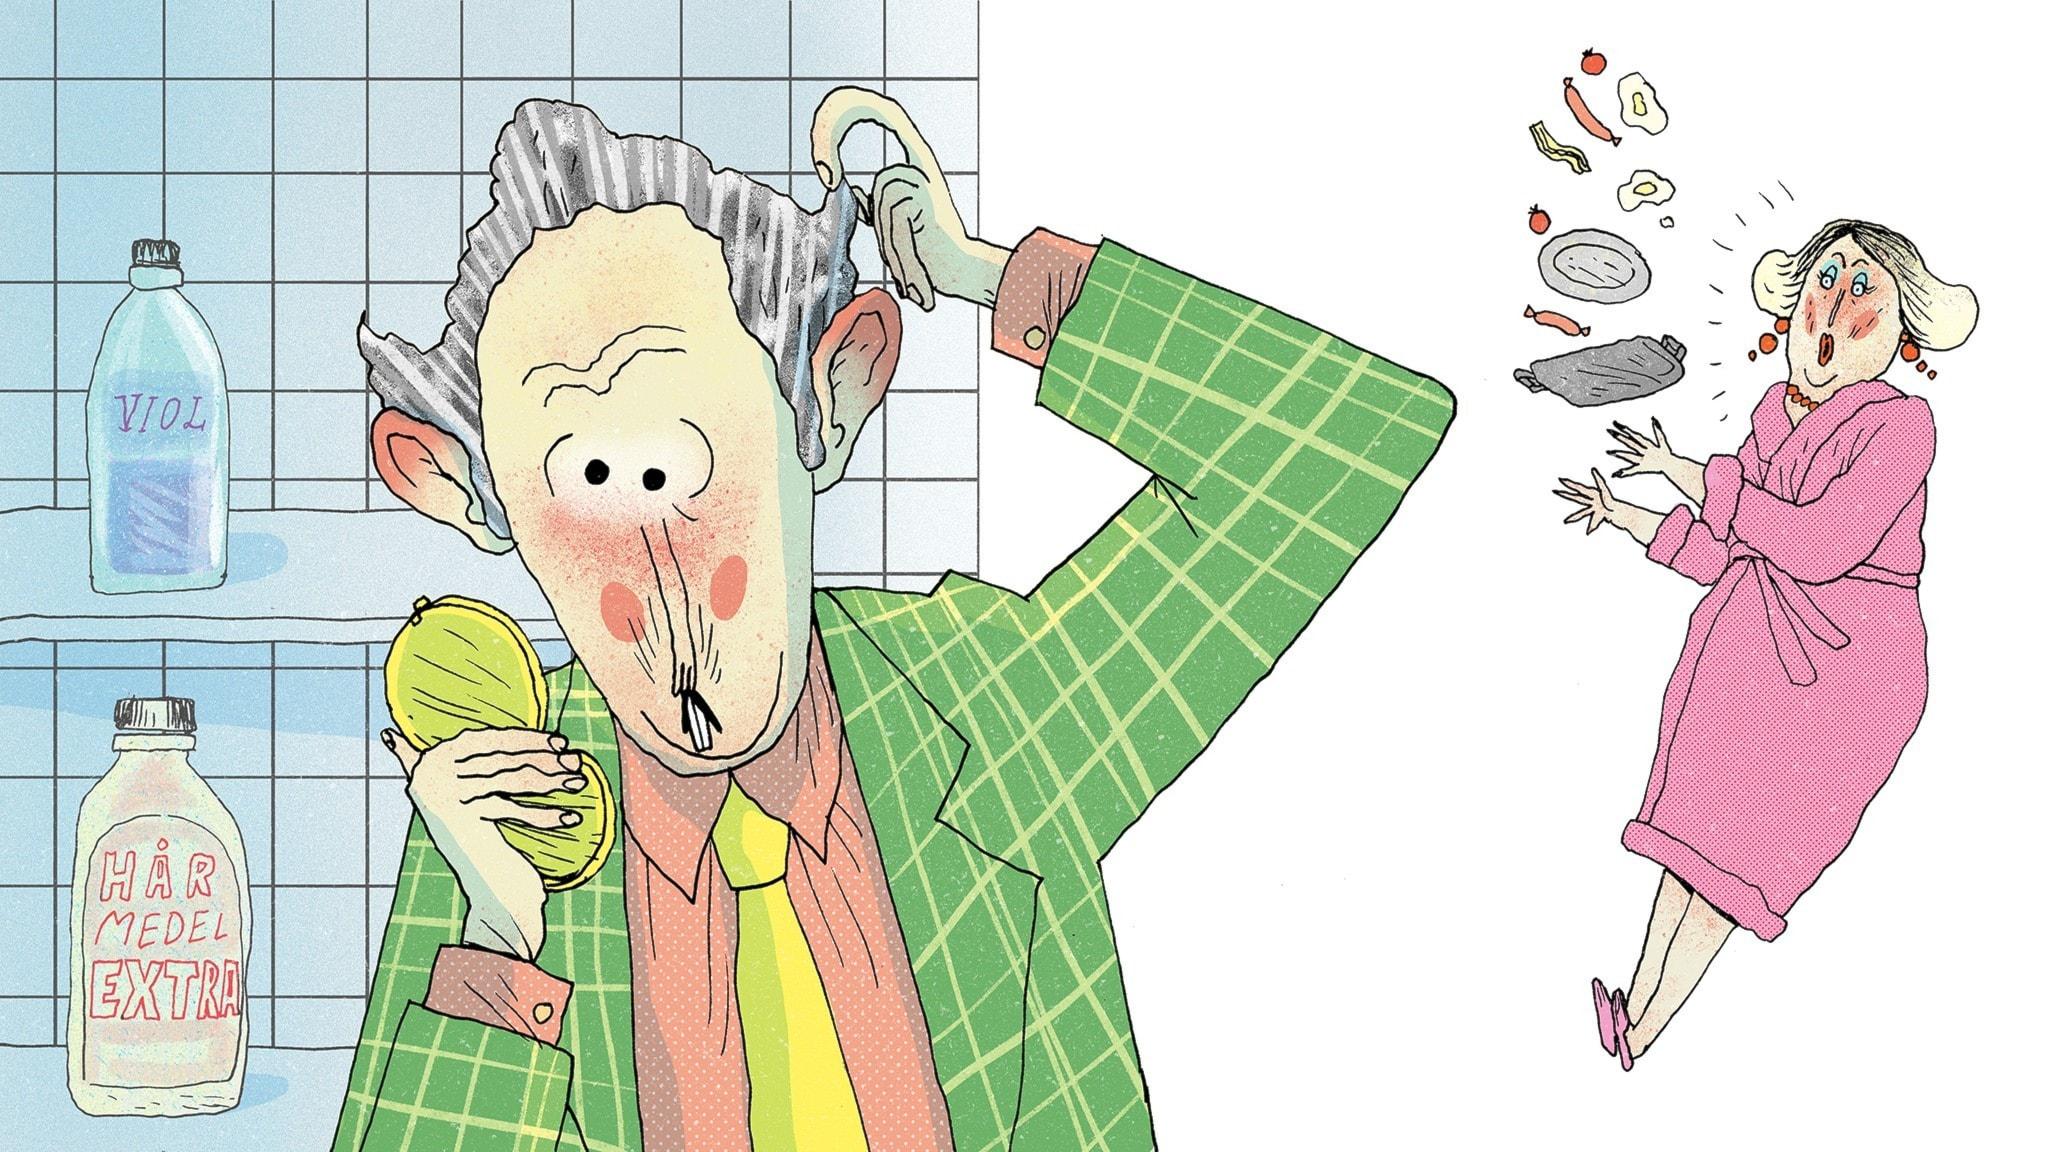 Herr Vidrigsson är i badrummet, han har fått grått hår. Fru Vidrigsson ser det och tappar brickan av förskräckelse... Bild: Erik Svetoft